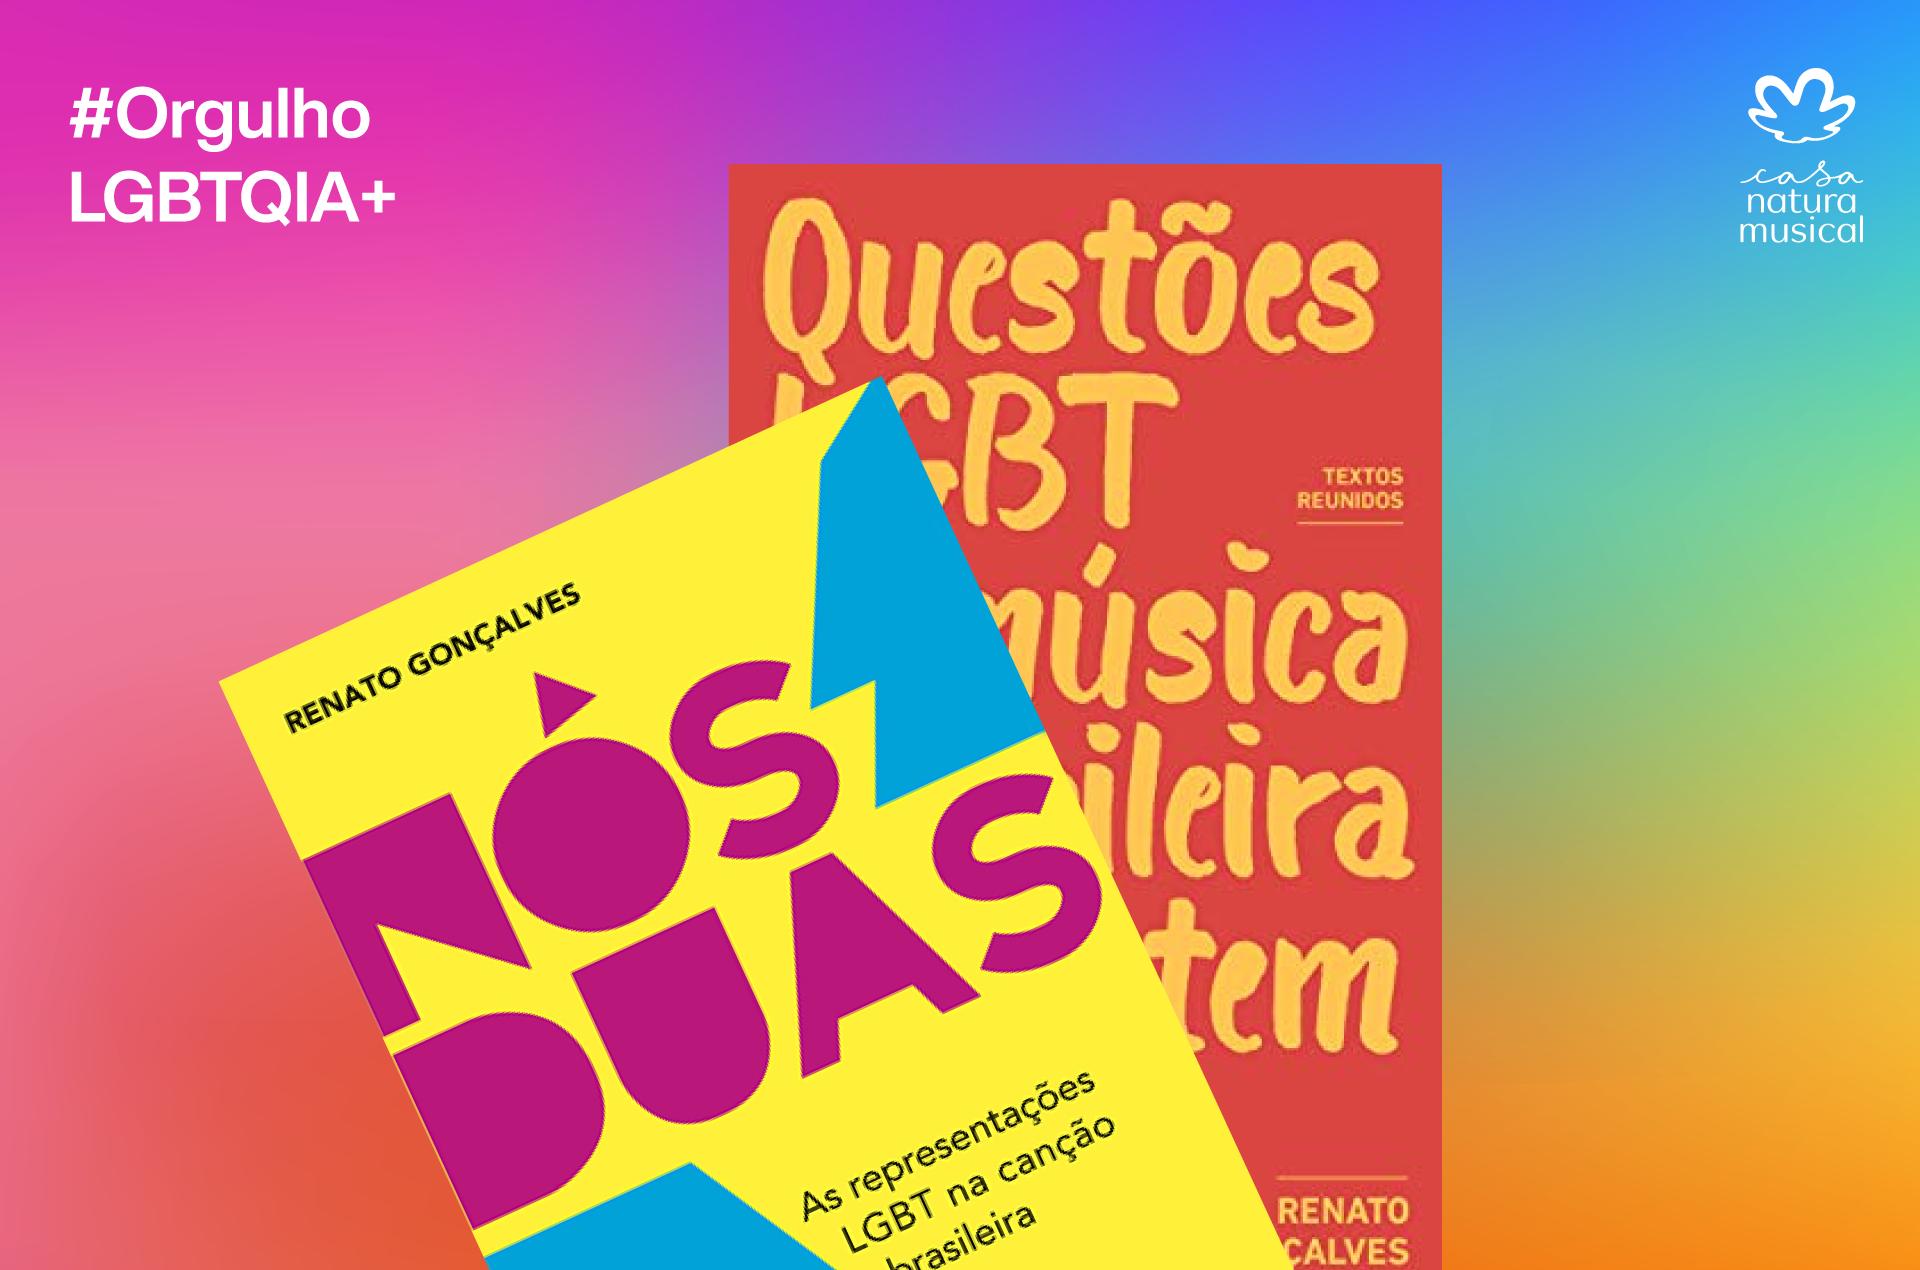 OrgulhoLGBT_Livros_Musica